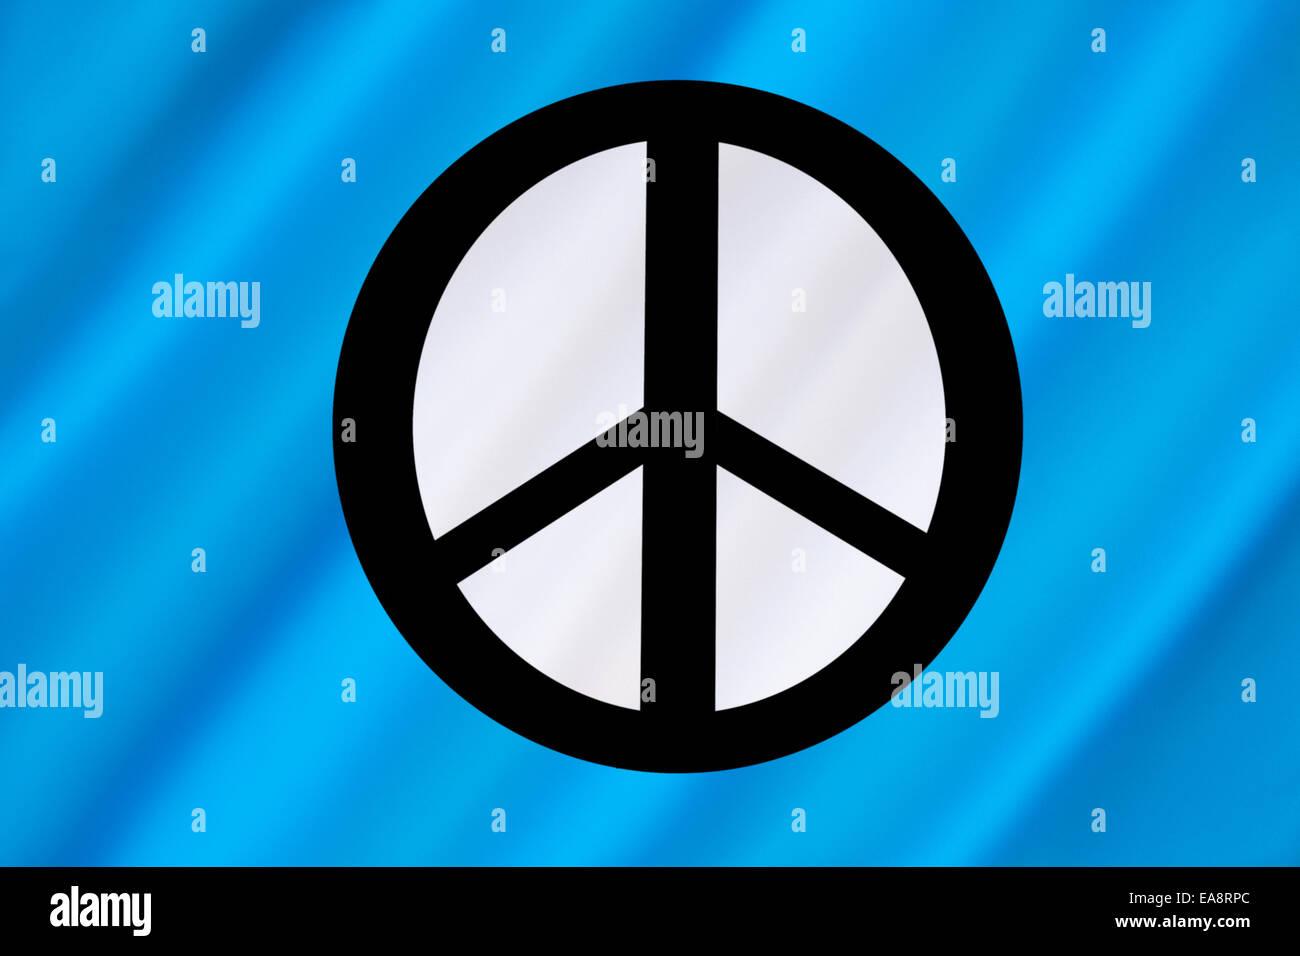 Bandiera della Campagna per il disarmo nucleare (CND) Immagini Stock